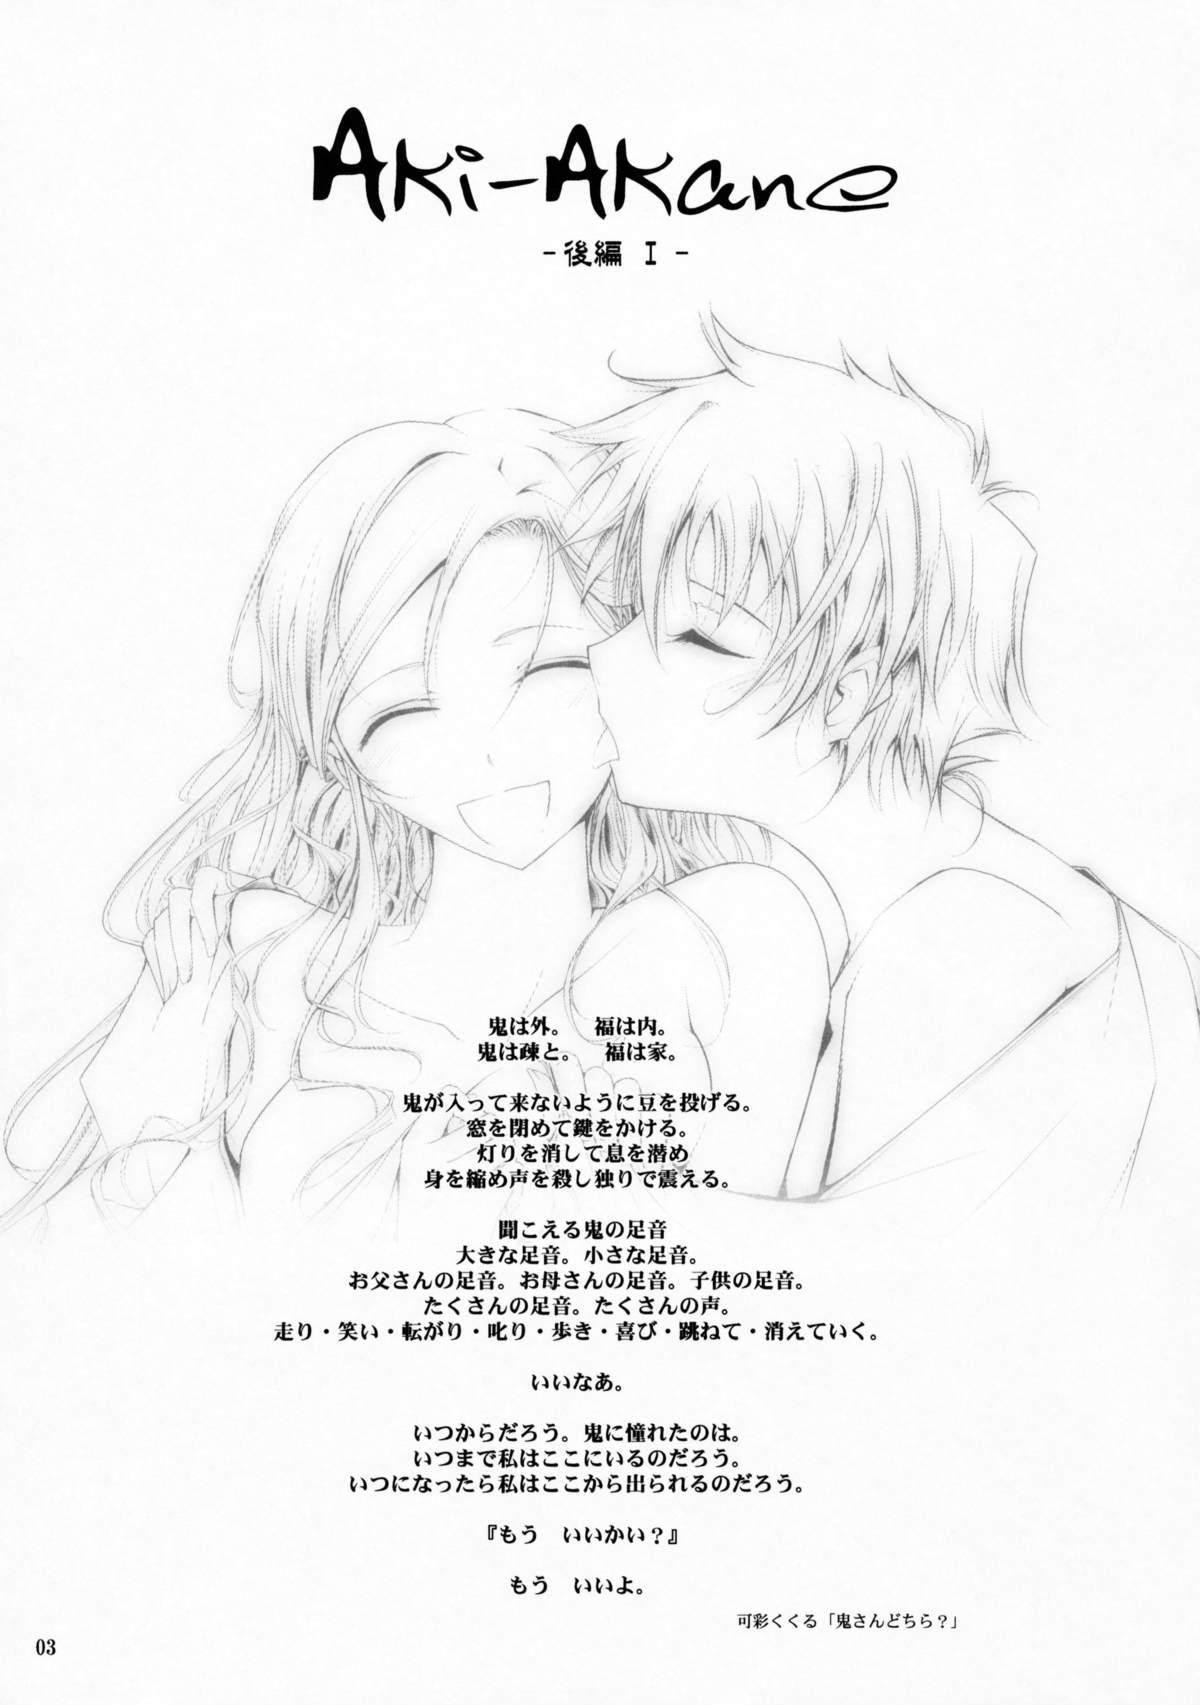 (C75) [Garyuh Chitai (TANA)] Aki-Akane -Kouhen 1- (Bleach) 1